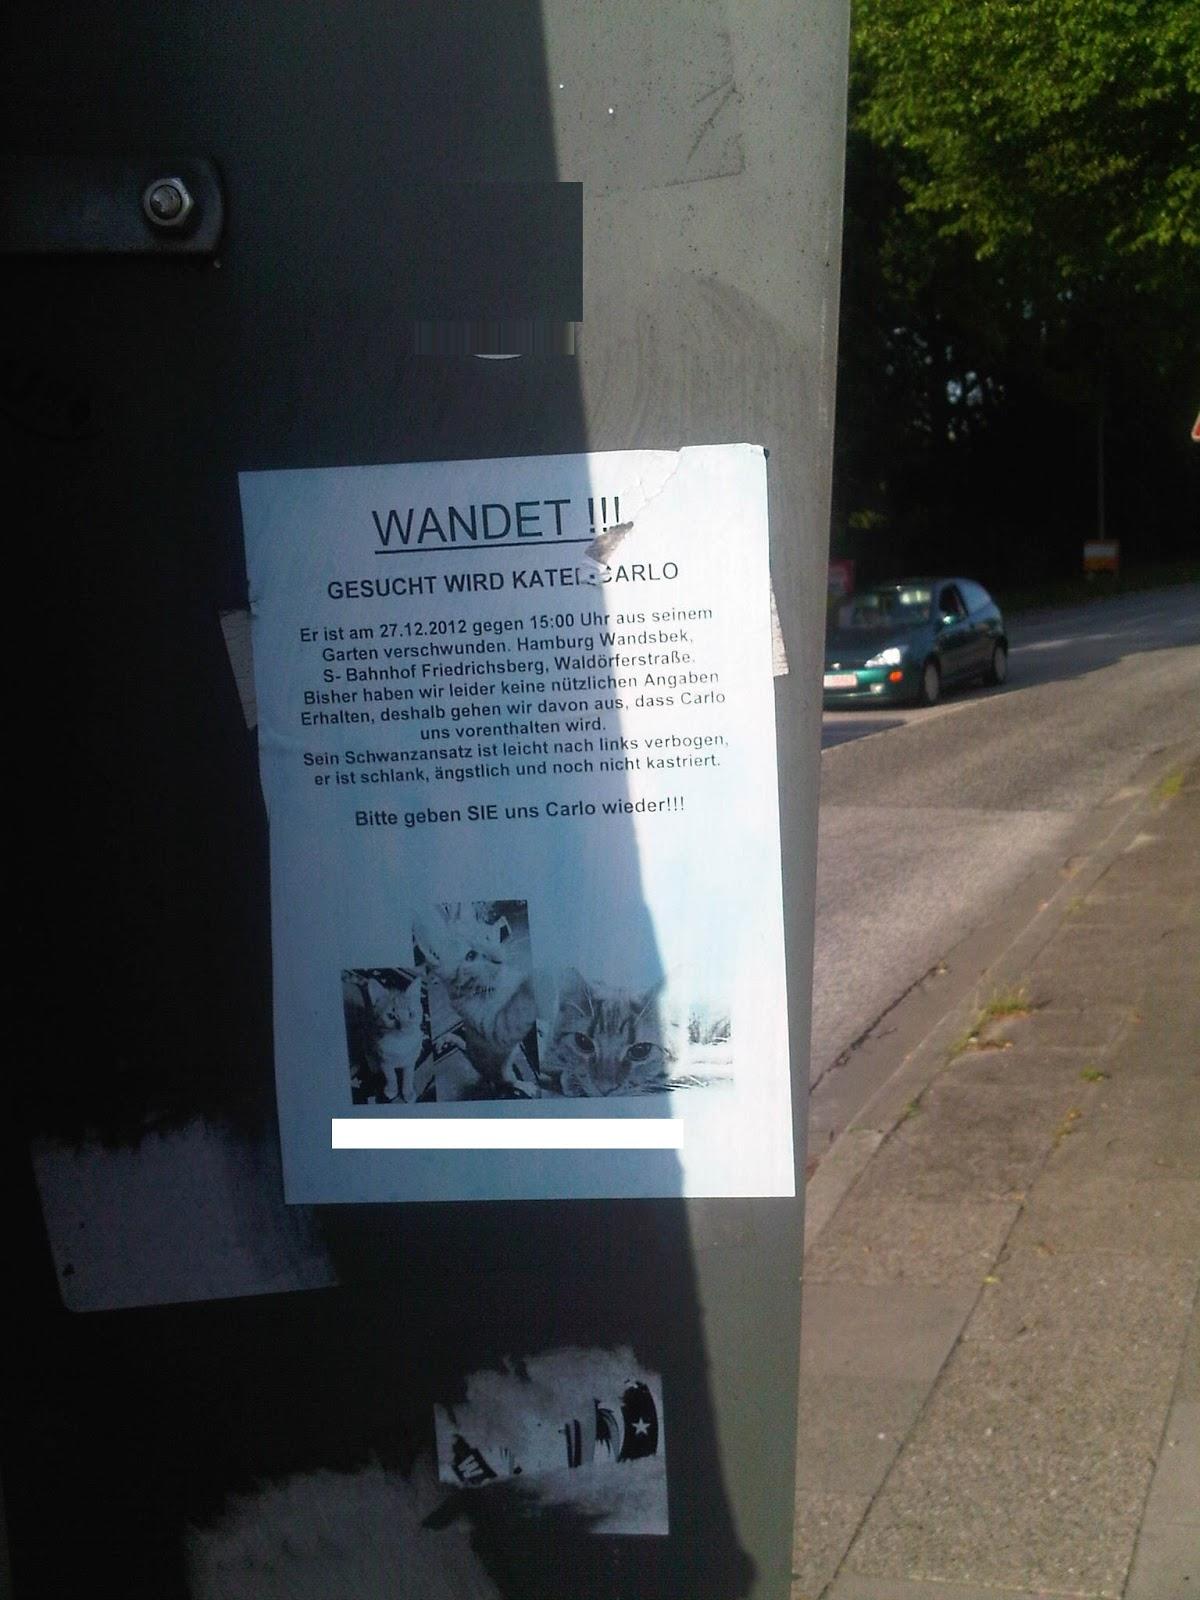 Zettel: Katze gesucht an der Ampel mit lustigem Rechtschreibfehler Wandet statt Wanted